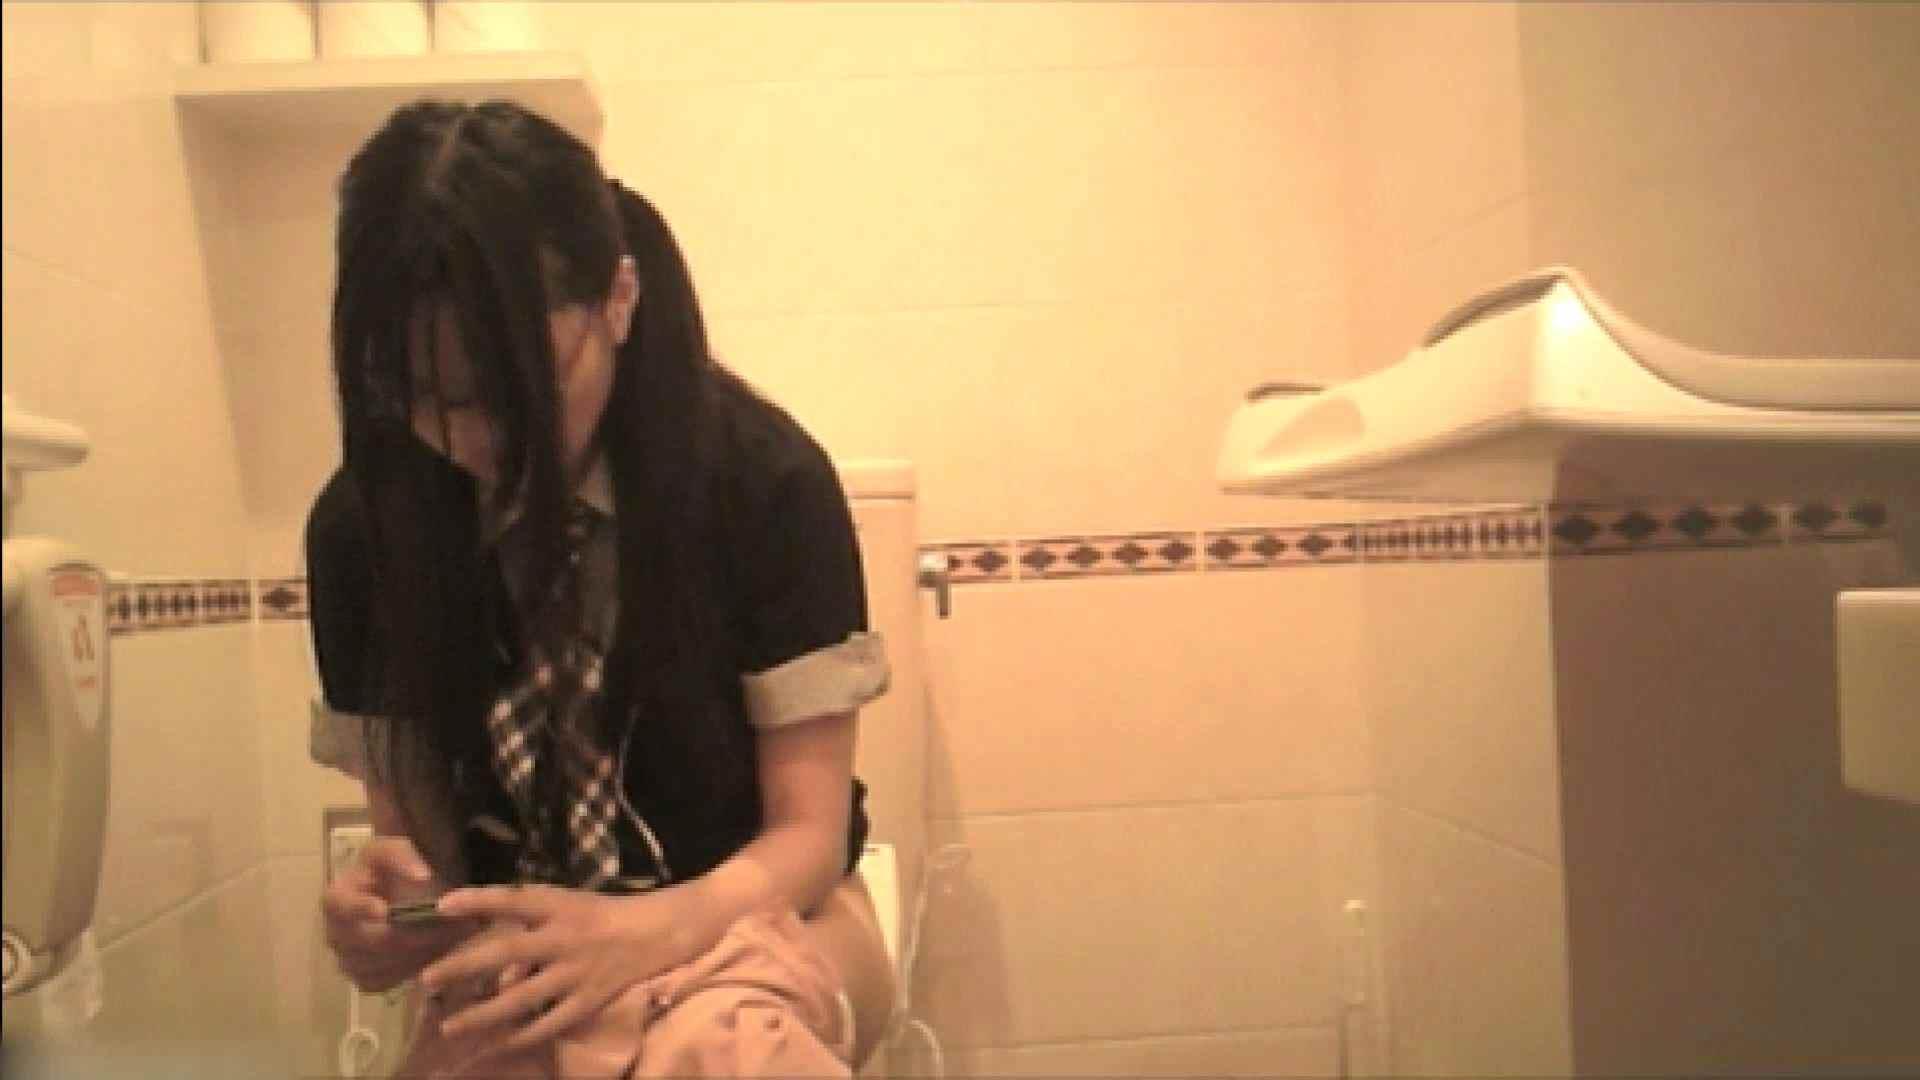 実録!!綺麗なお姉さんのトイレ事情・・・。vol.19 独身エッチOL   お姉さんの女体  22pic 11